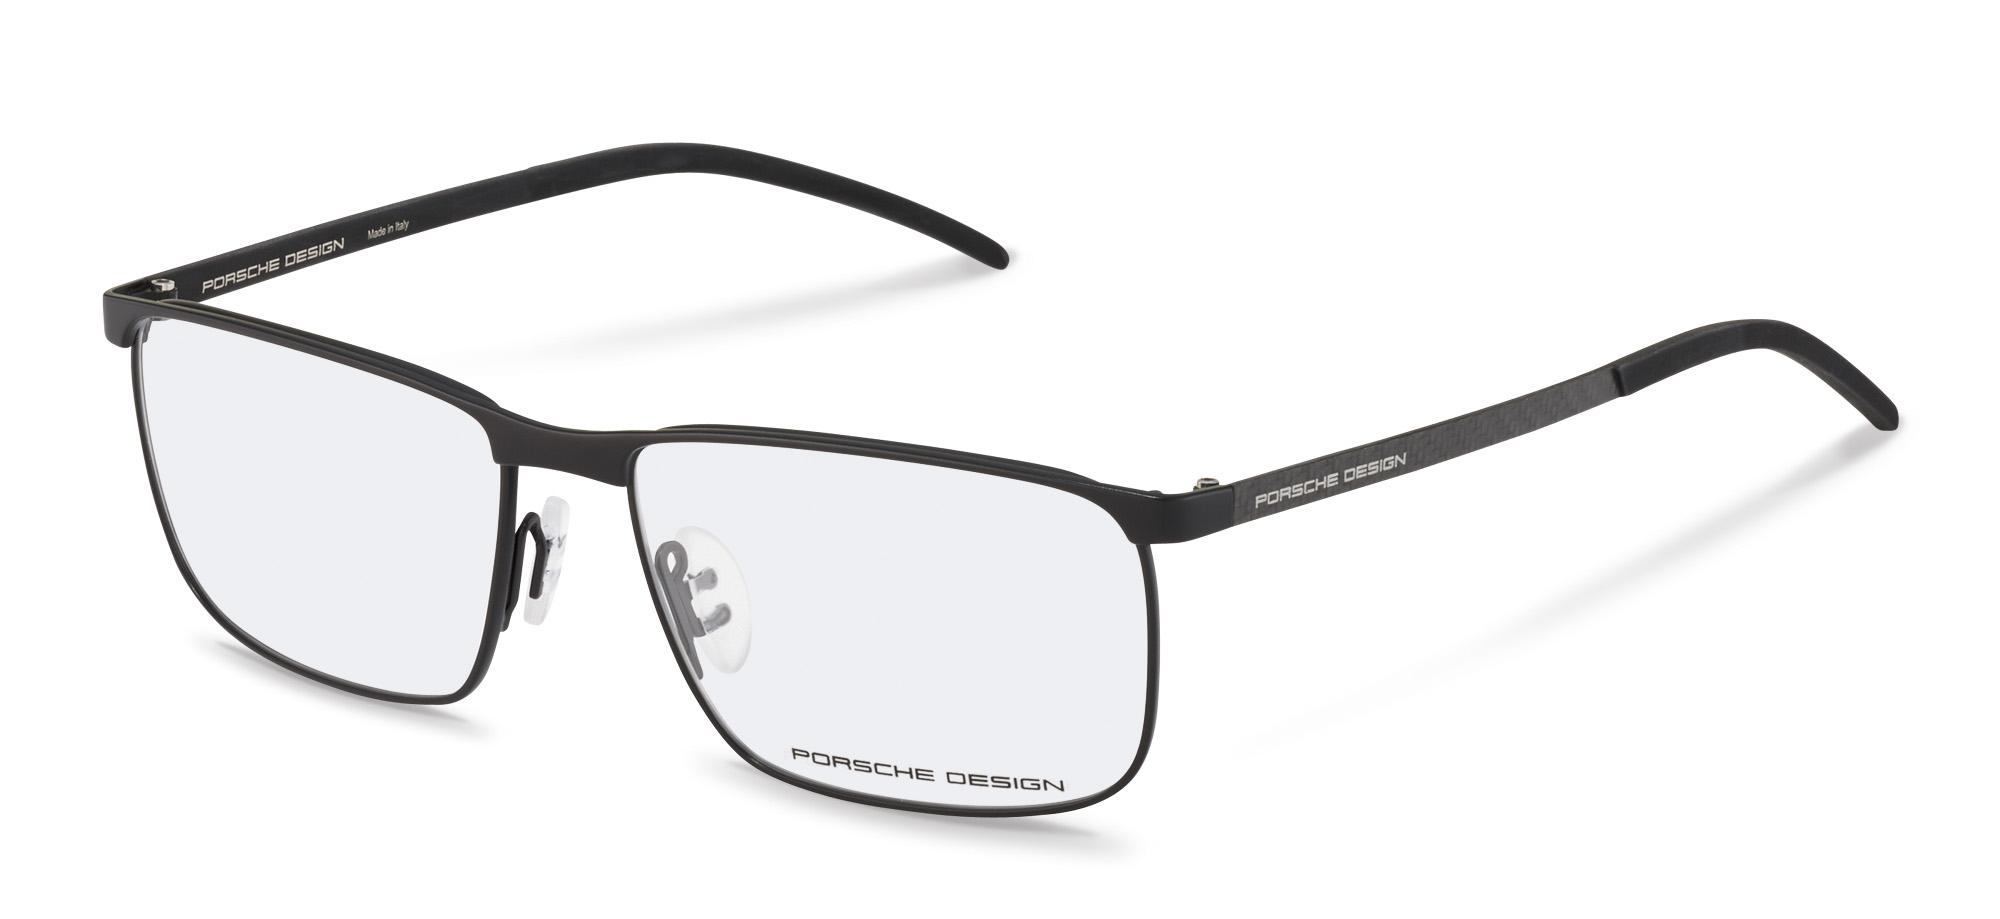 72d0cbf109a73 Porsche Design-Armações de correção-P8339-black